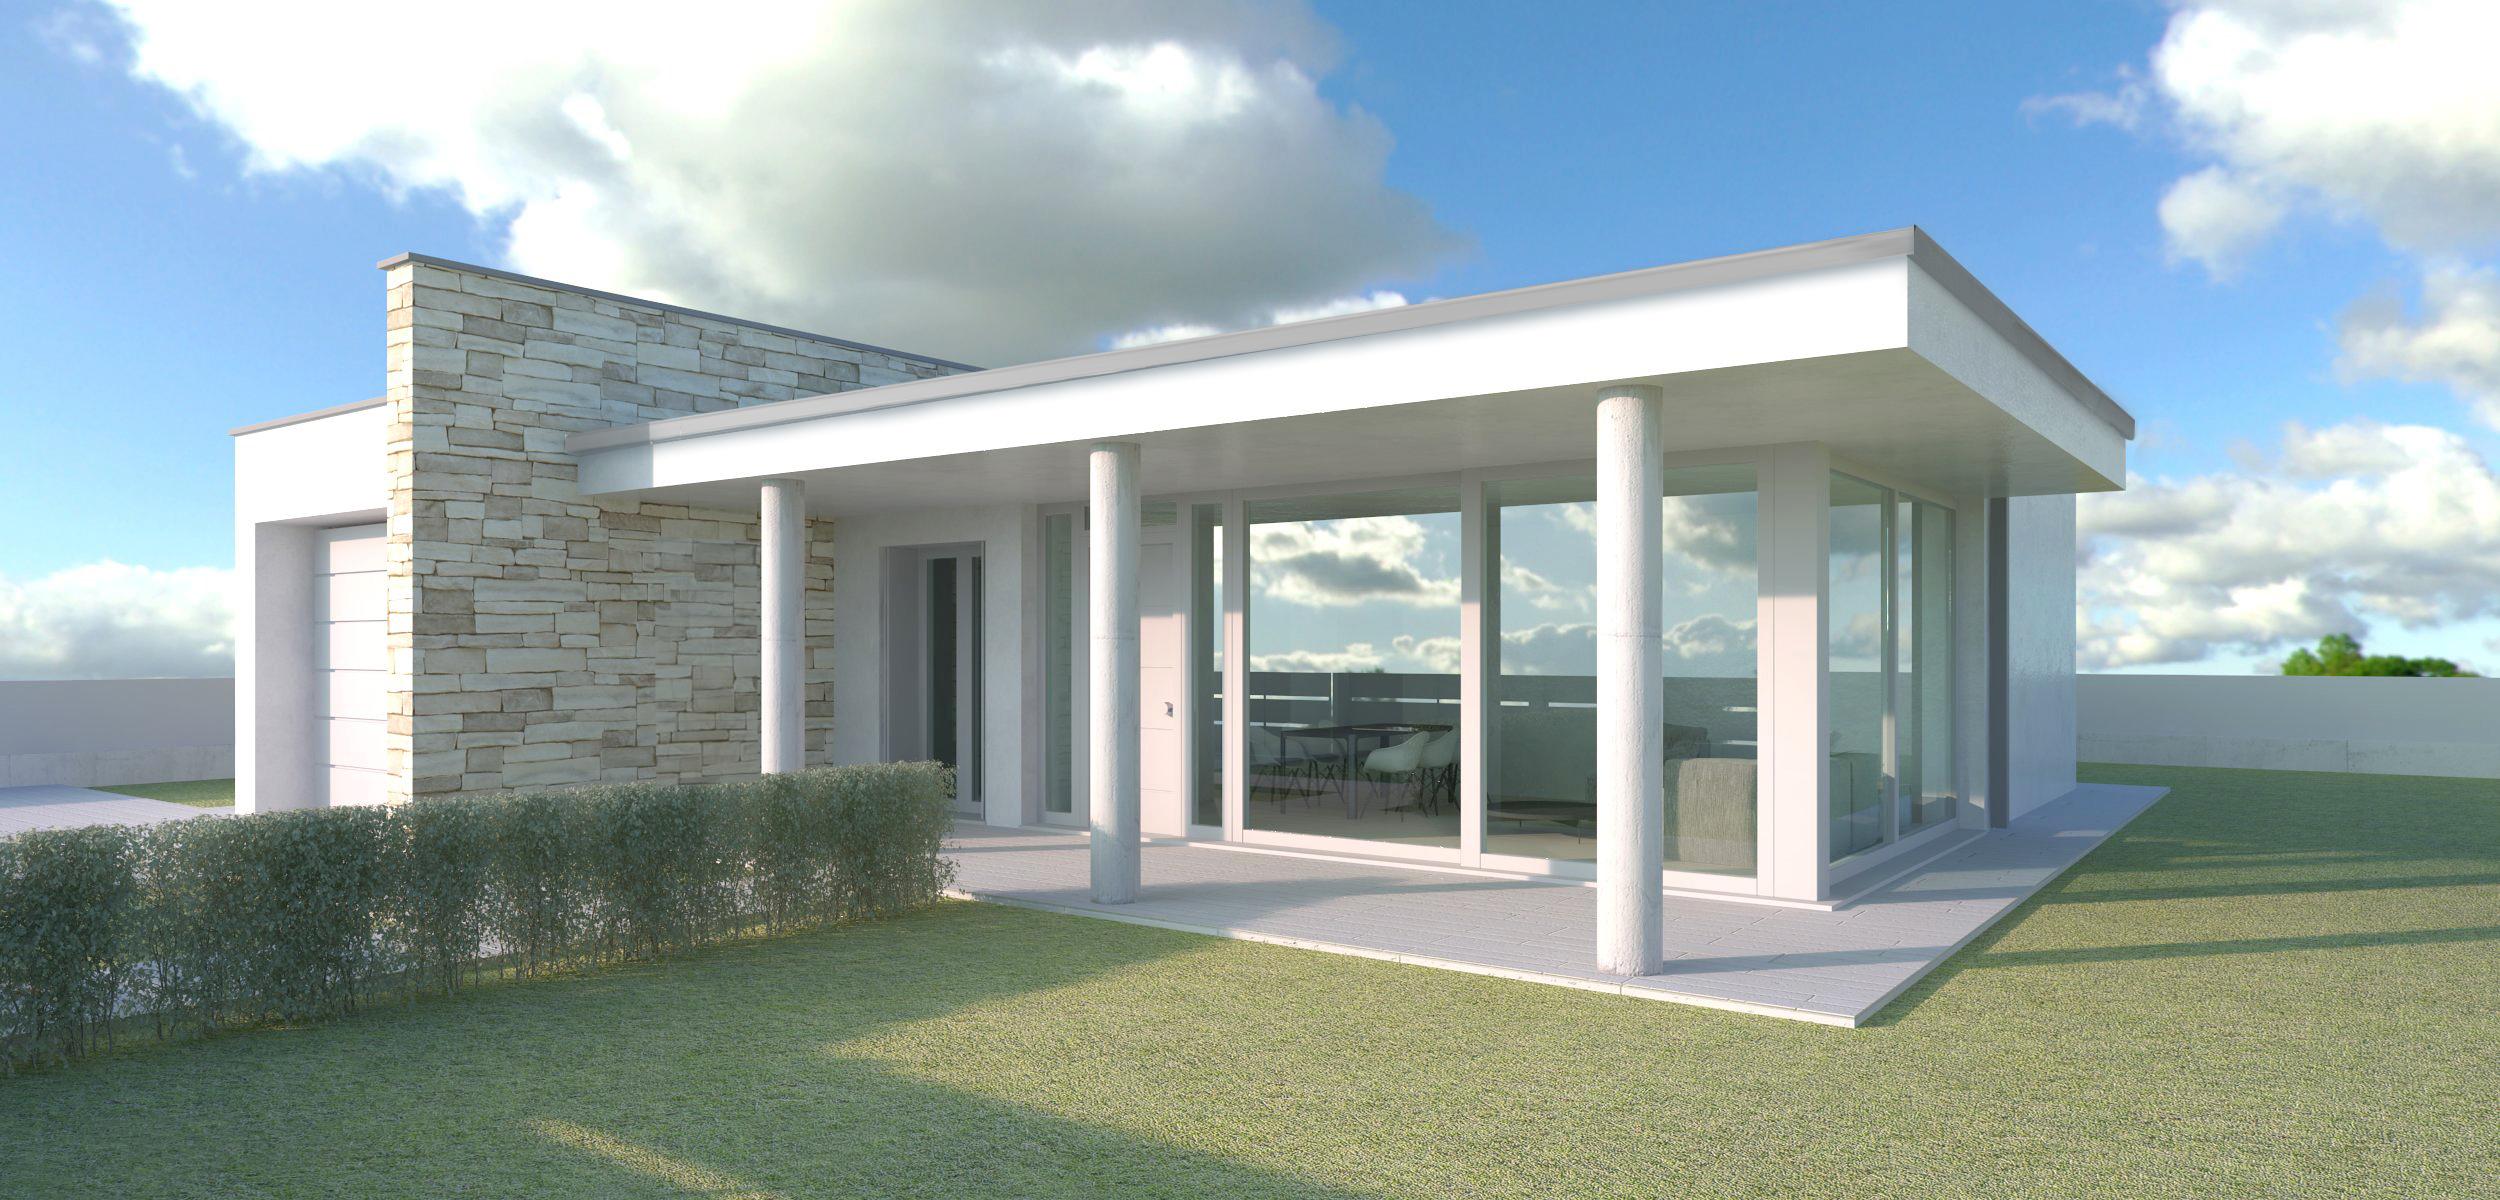 Ville su un piano best cinzia casa piccola e su un unico for Progetto ville moderne nuova costruzione